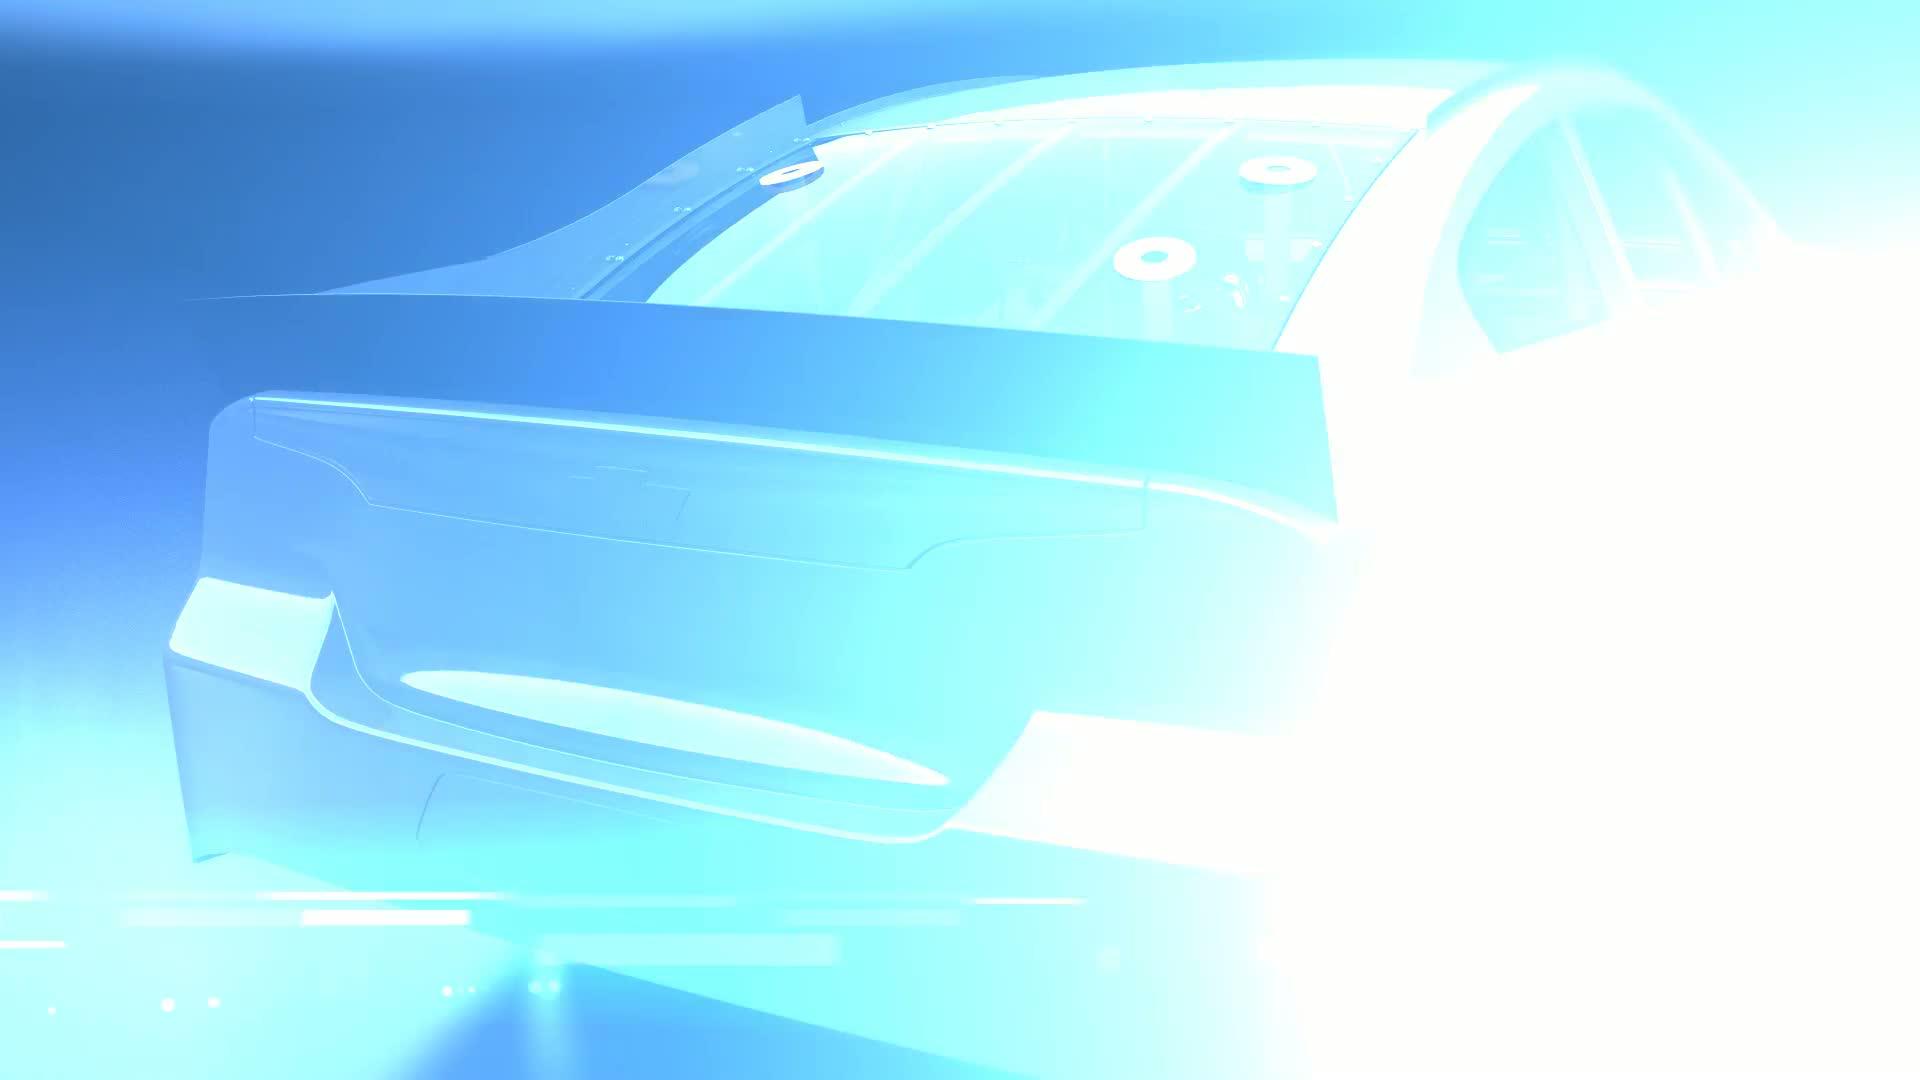 Gen 6 DLC Update | NASCAR The Game: Inside Line